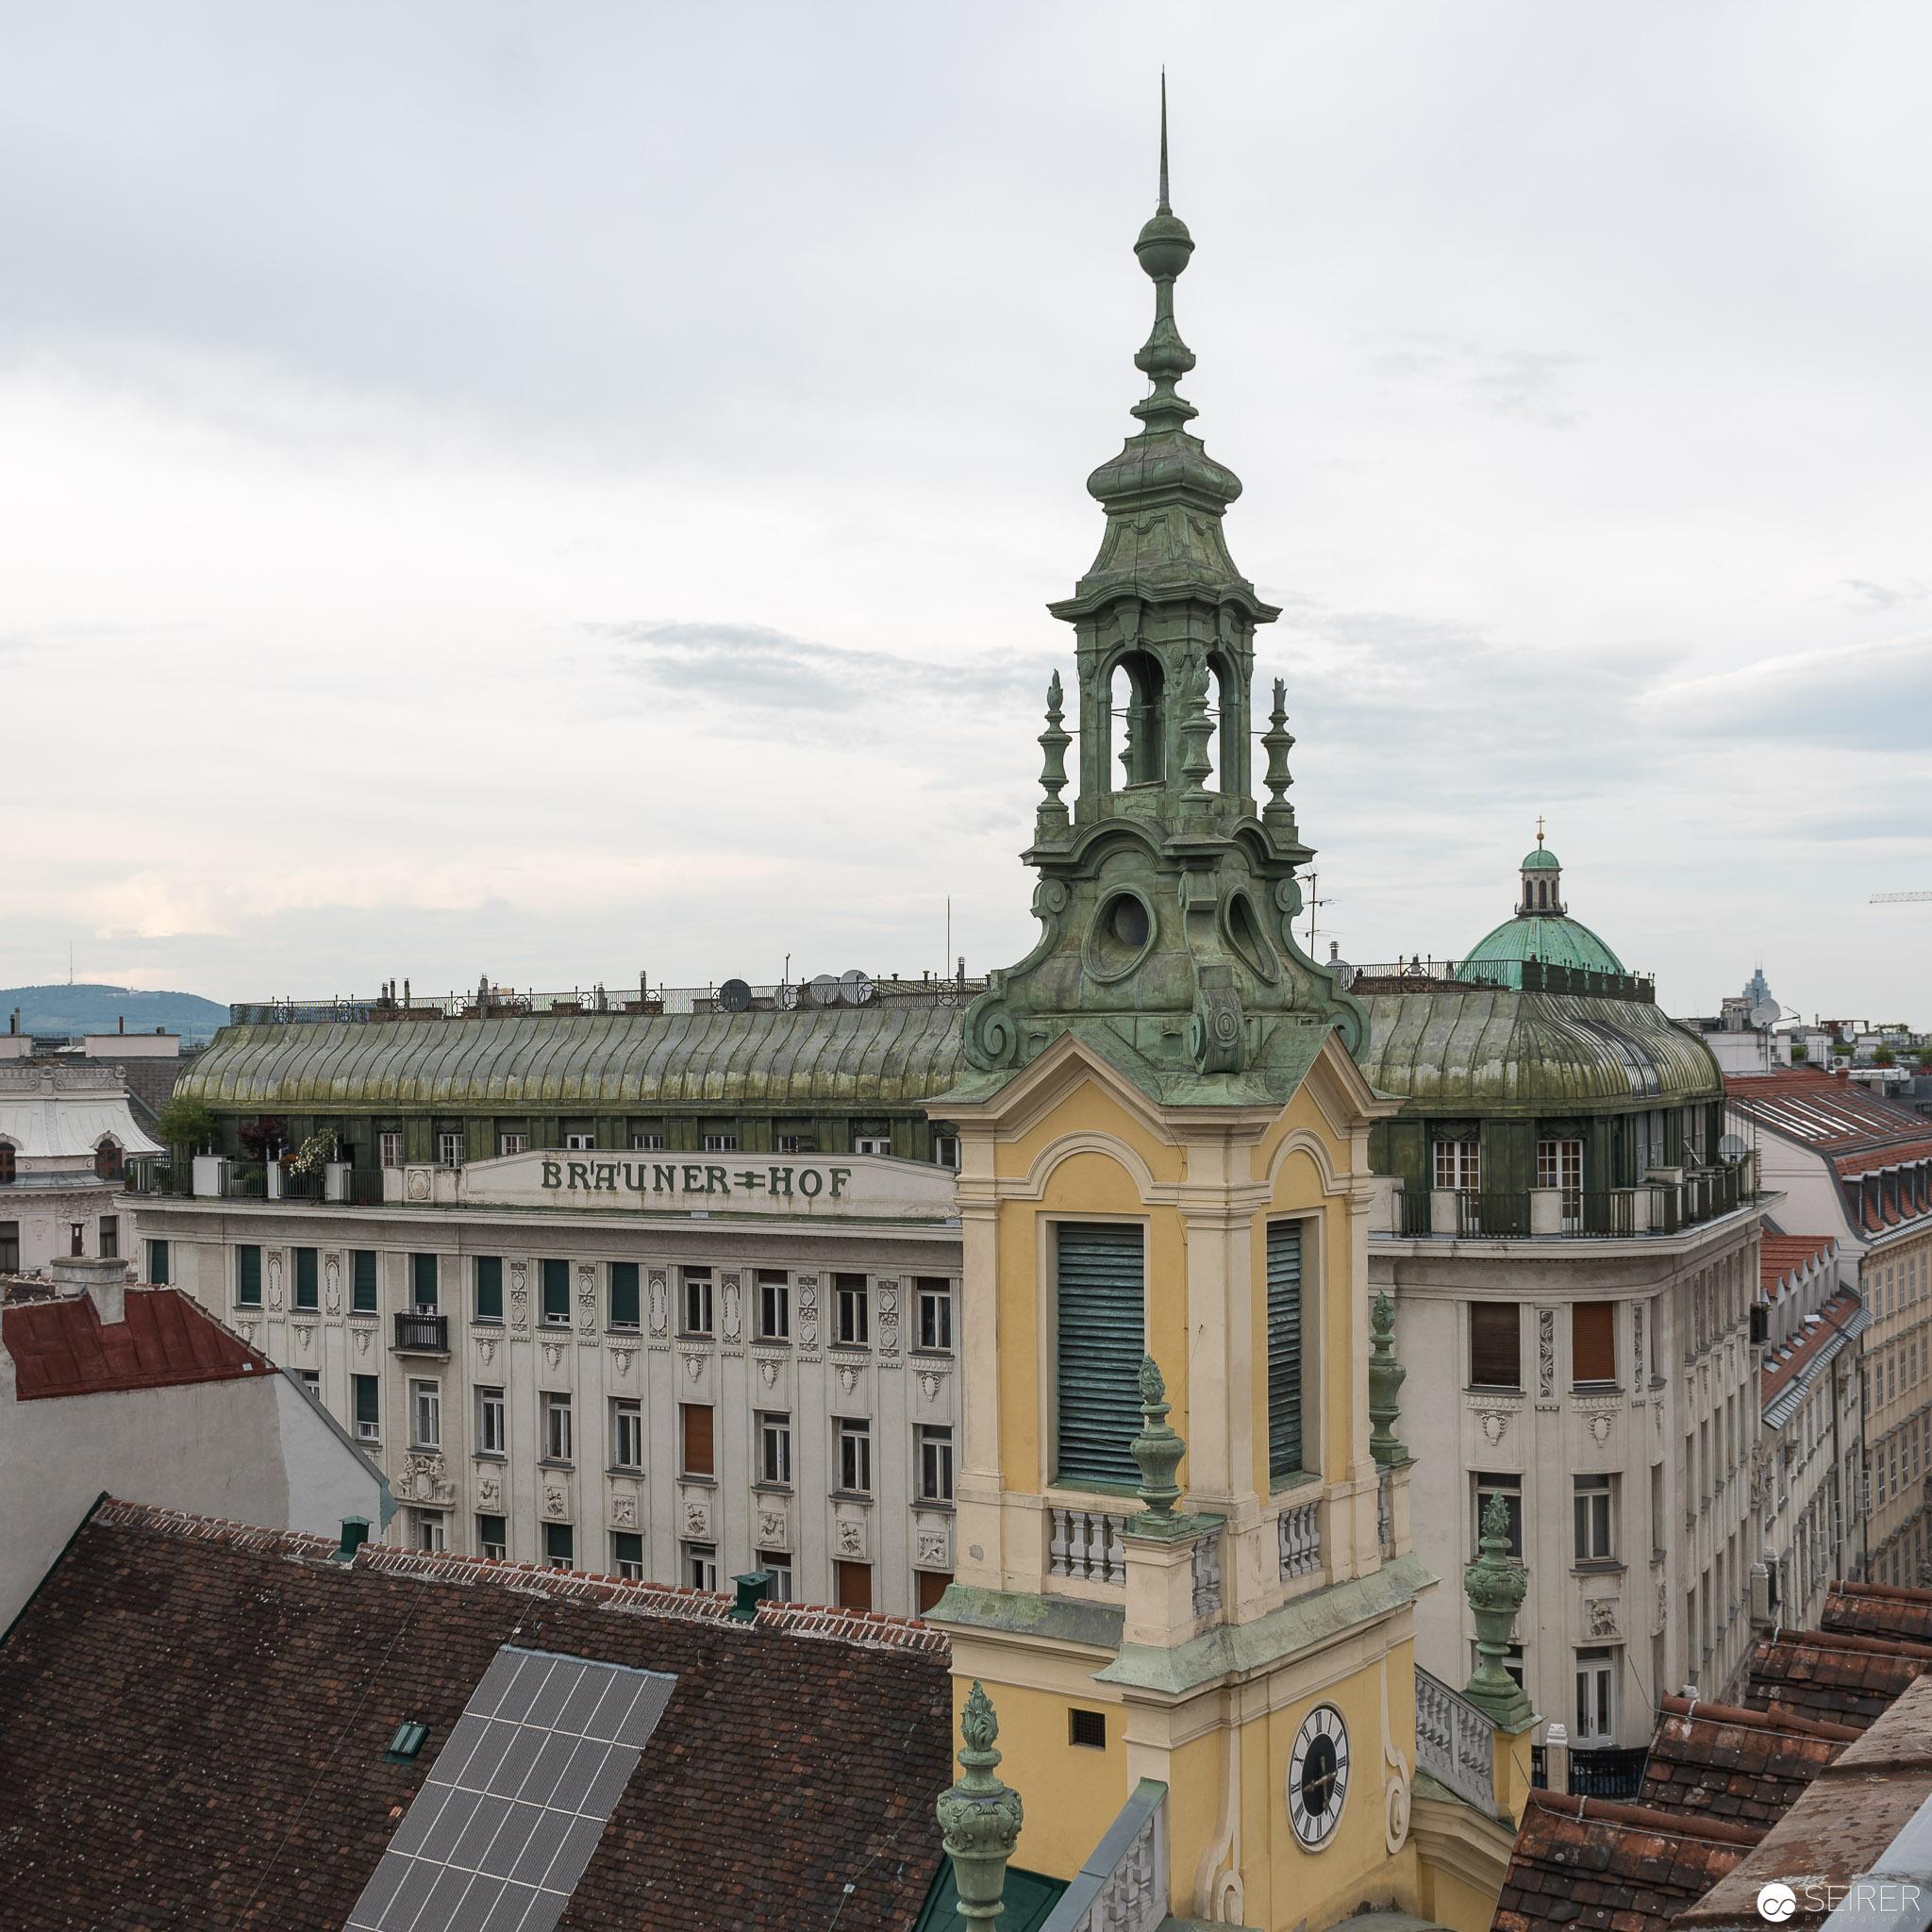 Brauner Hof und Reformierte Stadtkirche Wien im Vordergrund